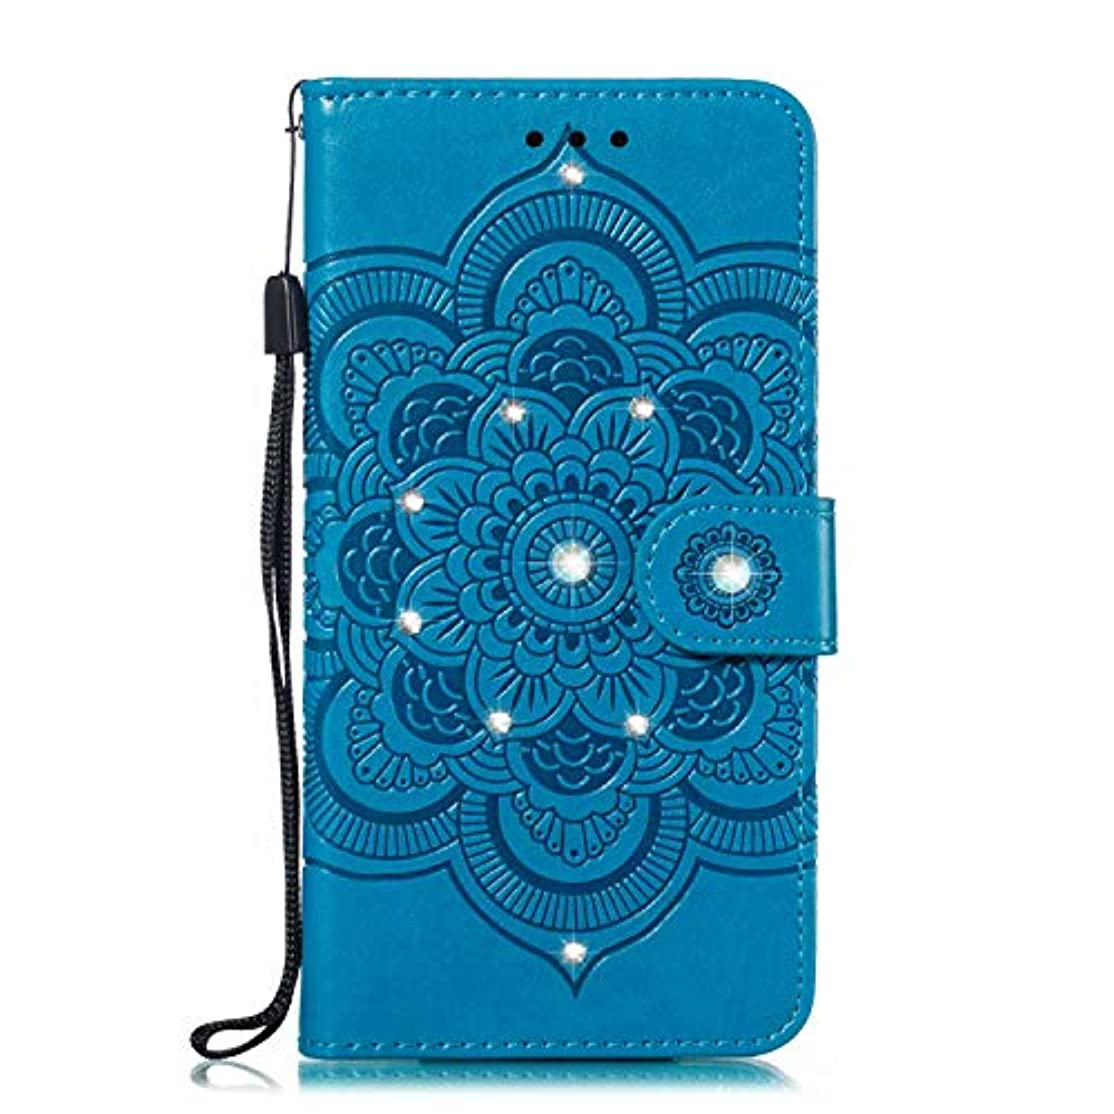 水銀の幾何学祭司CUNUS 高品質 合皮レザー ケース Huawei Honor 10i 用, 防塵 ケース, 軽量 スタンド機能 耐汚れ カード収納 カバー, ブルー